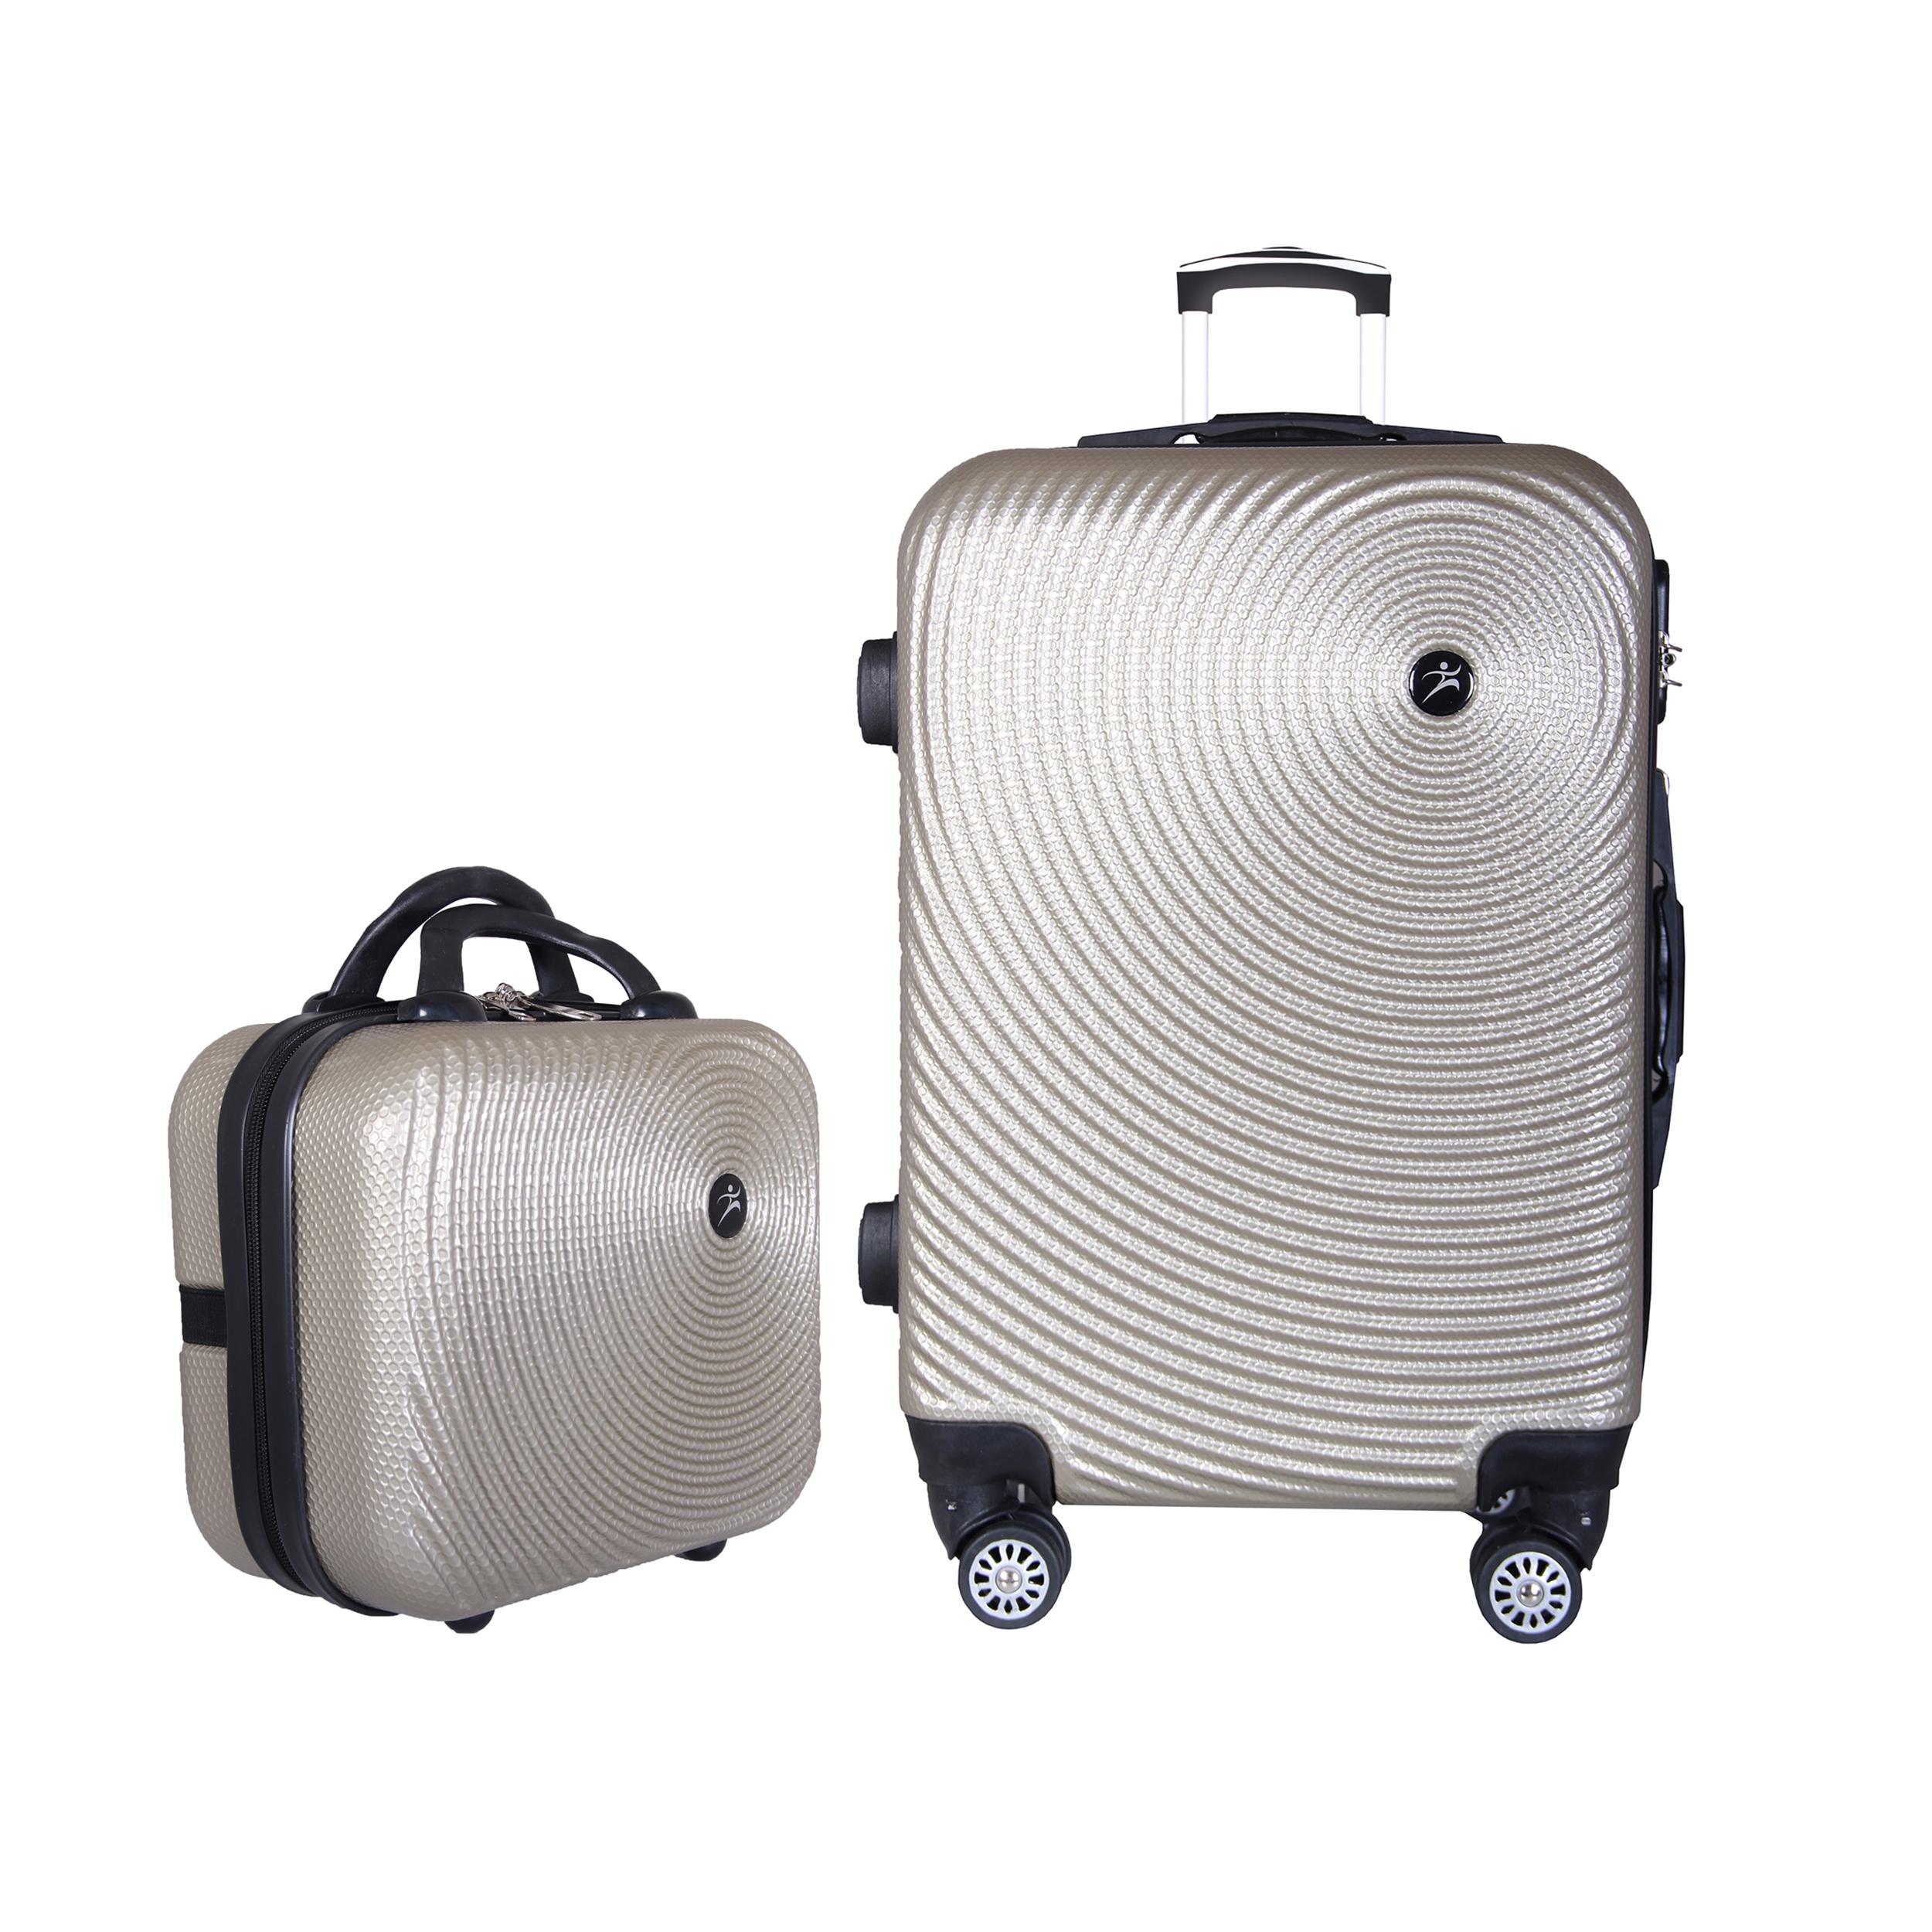 مجموعه چهار عددی چمدان اسپرت من مدل NS001 main 1 39